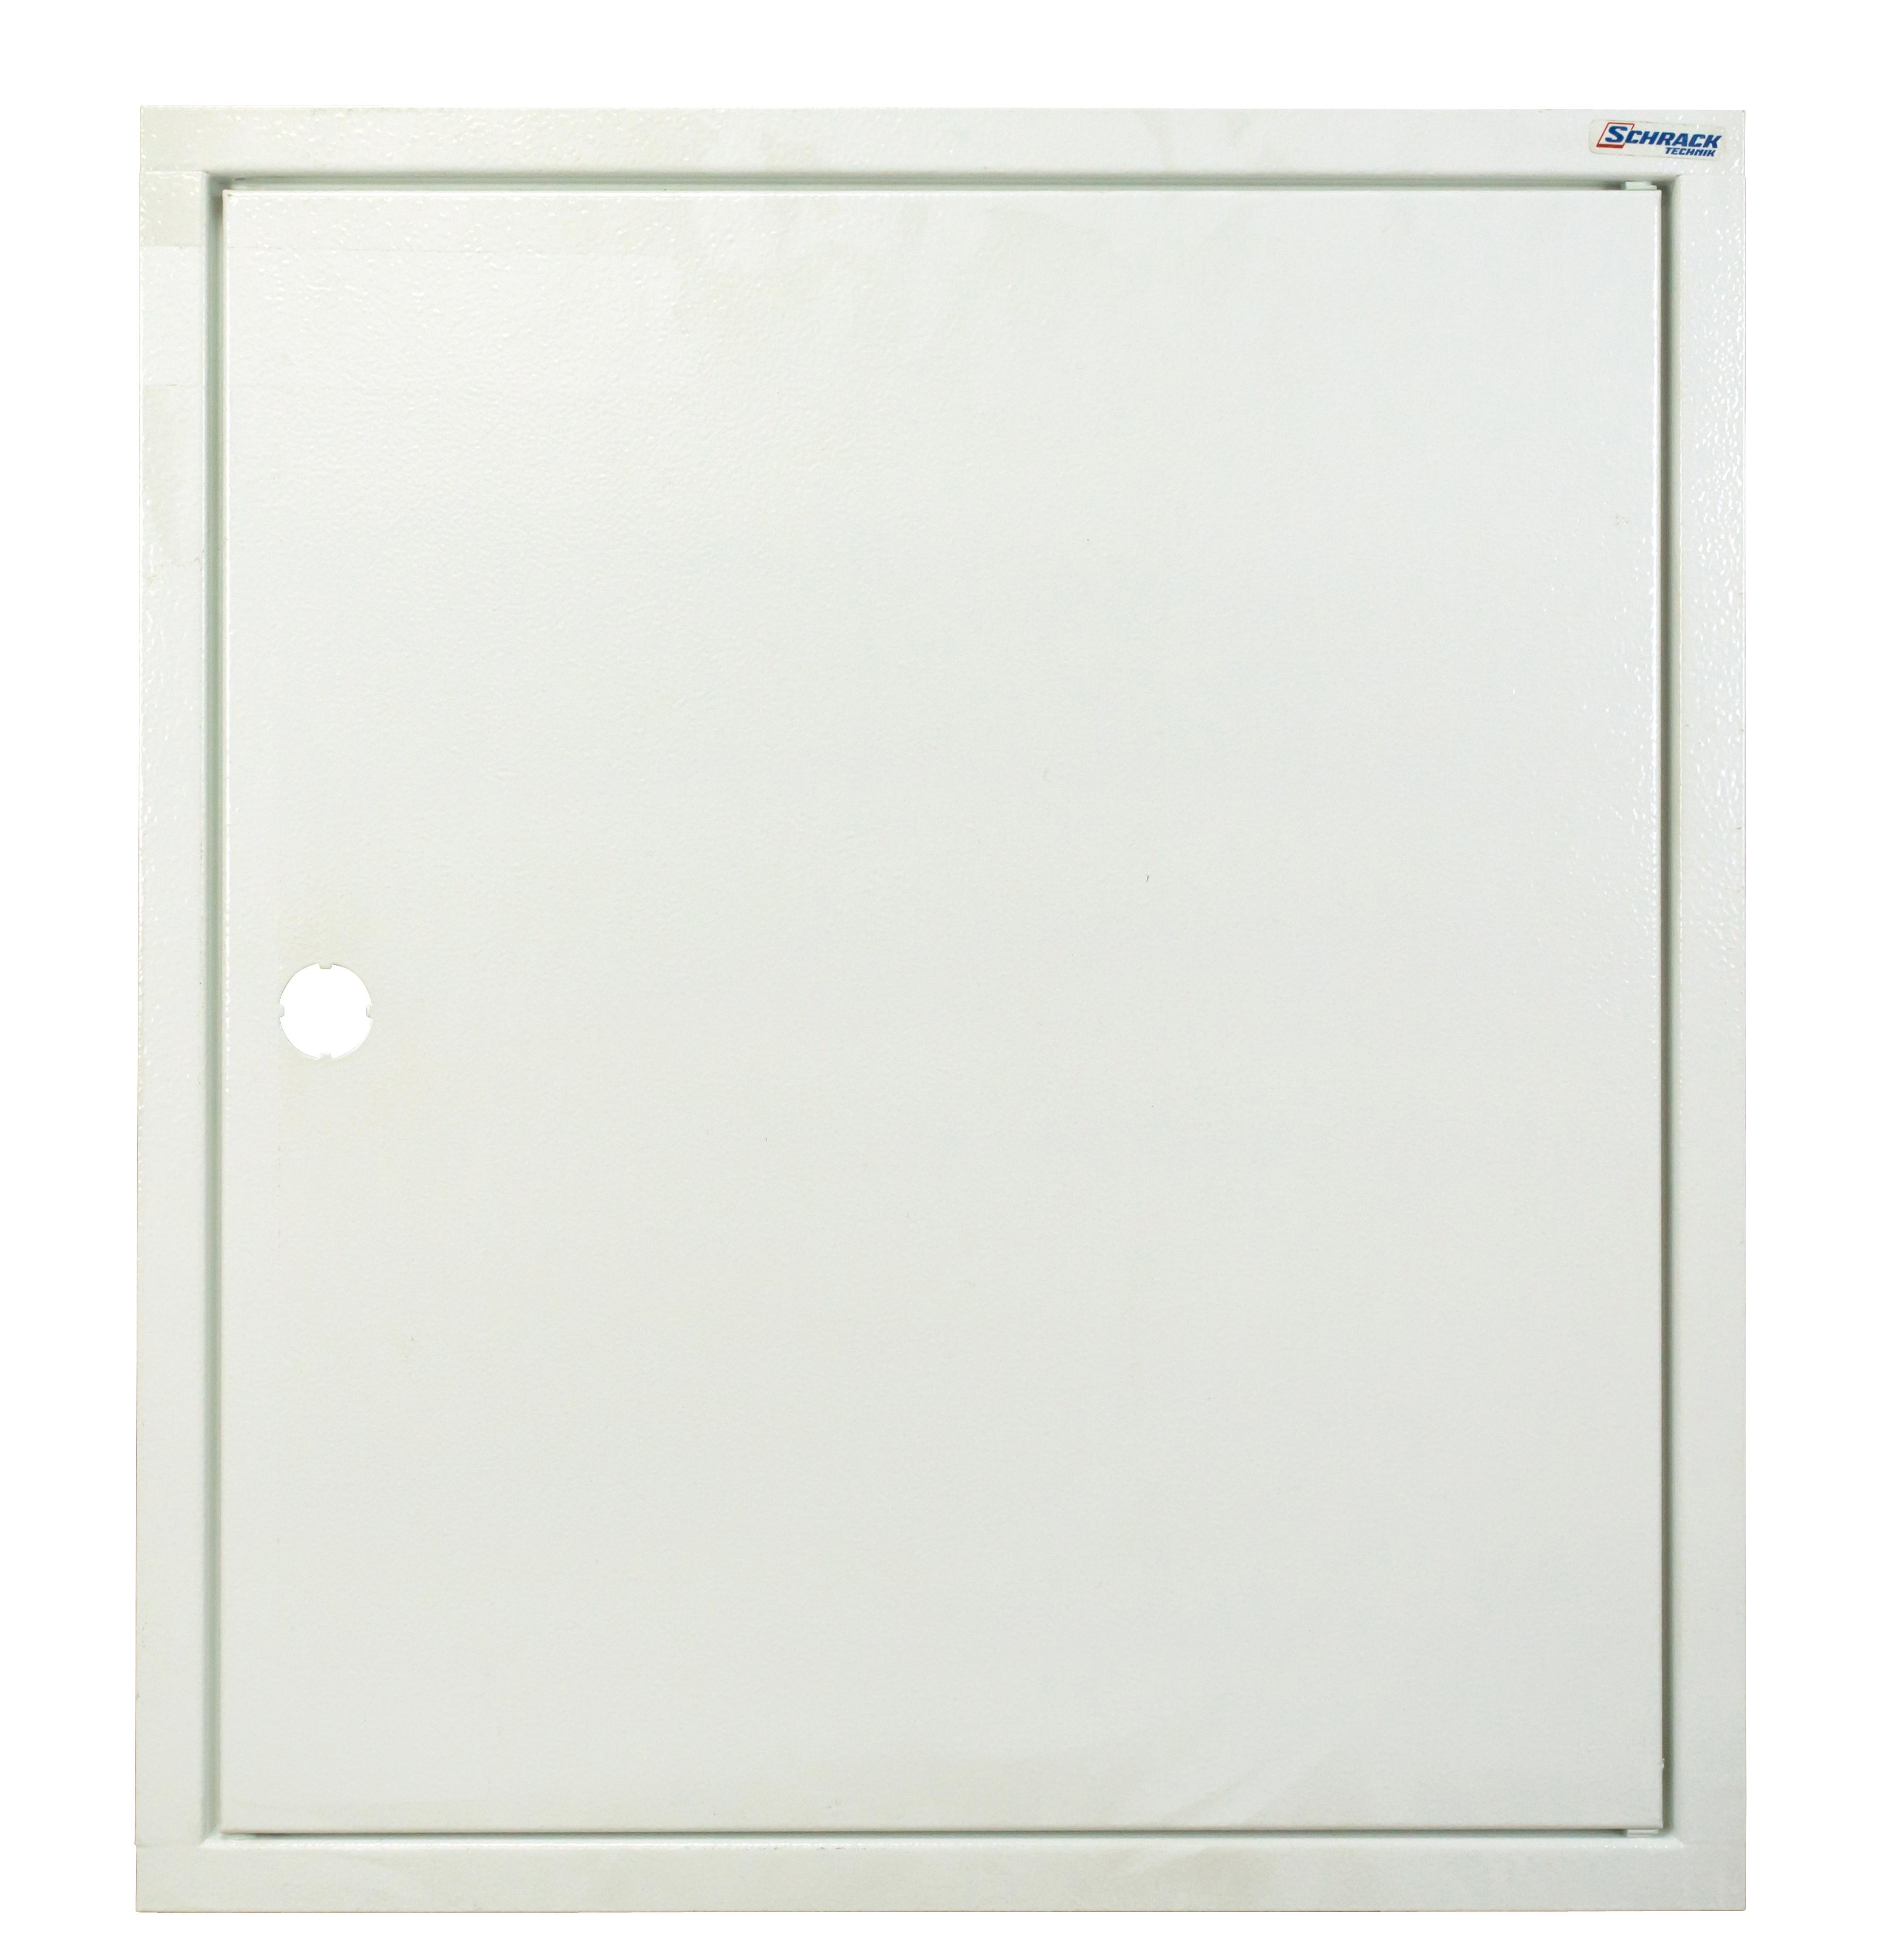 1 Stk Unterputz-Rahmen mit Türe 3U-21 flach, H1055B810T100mm IL012321-F